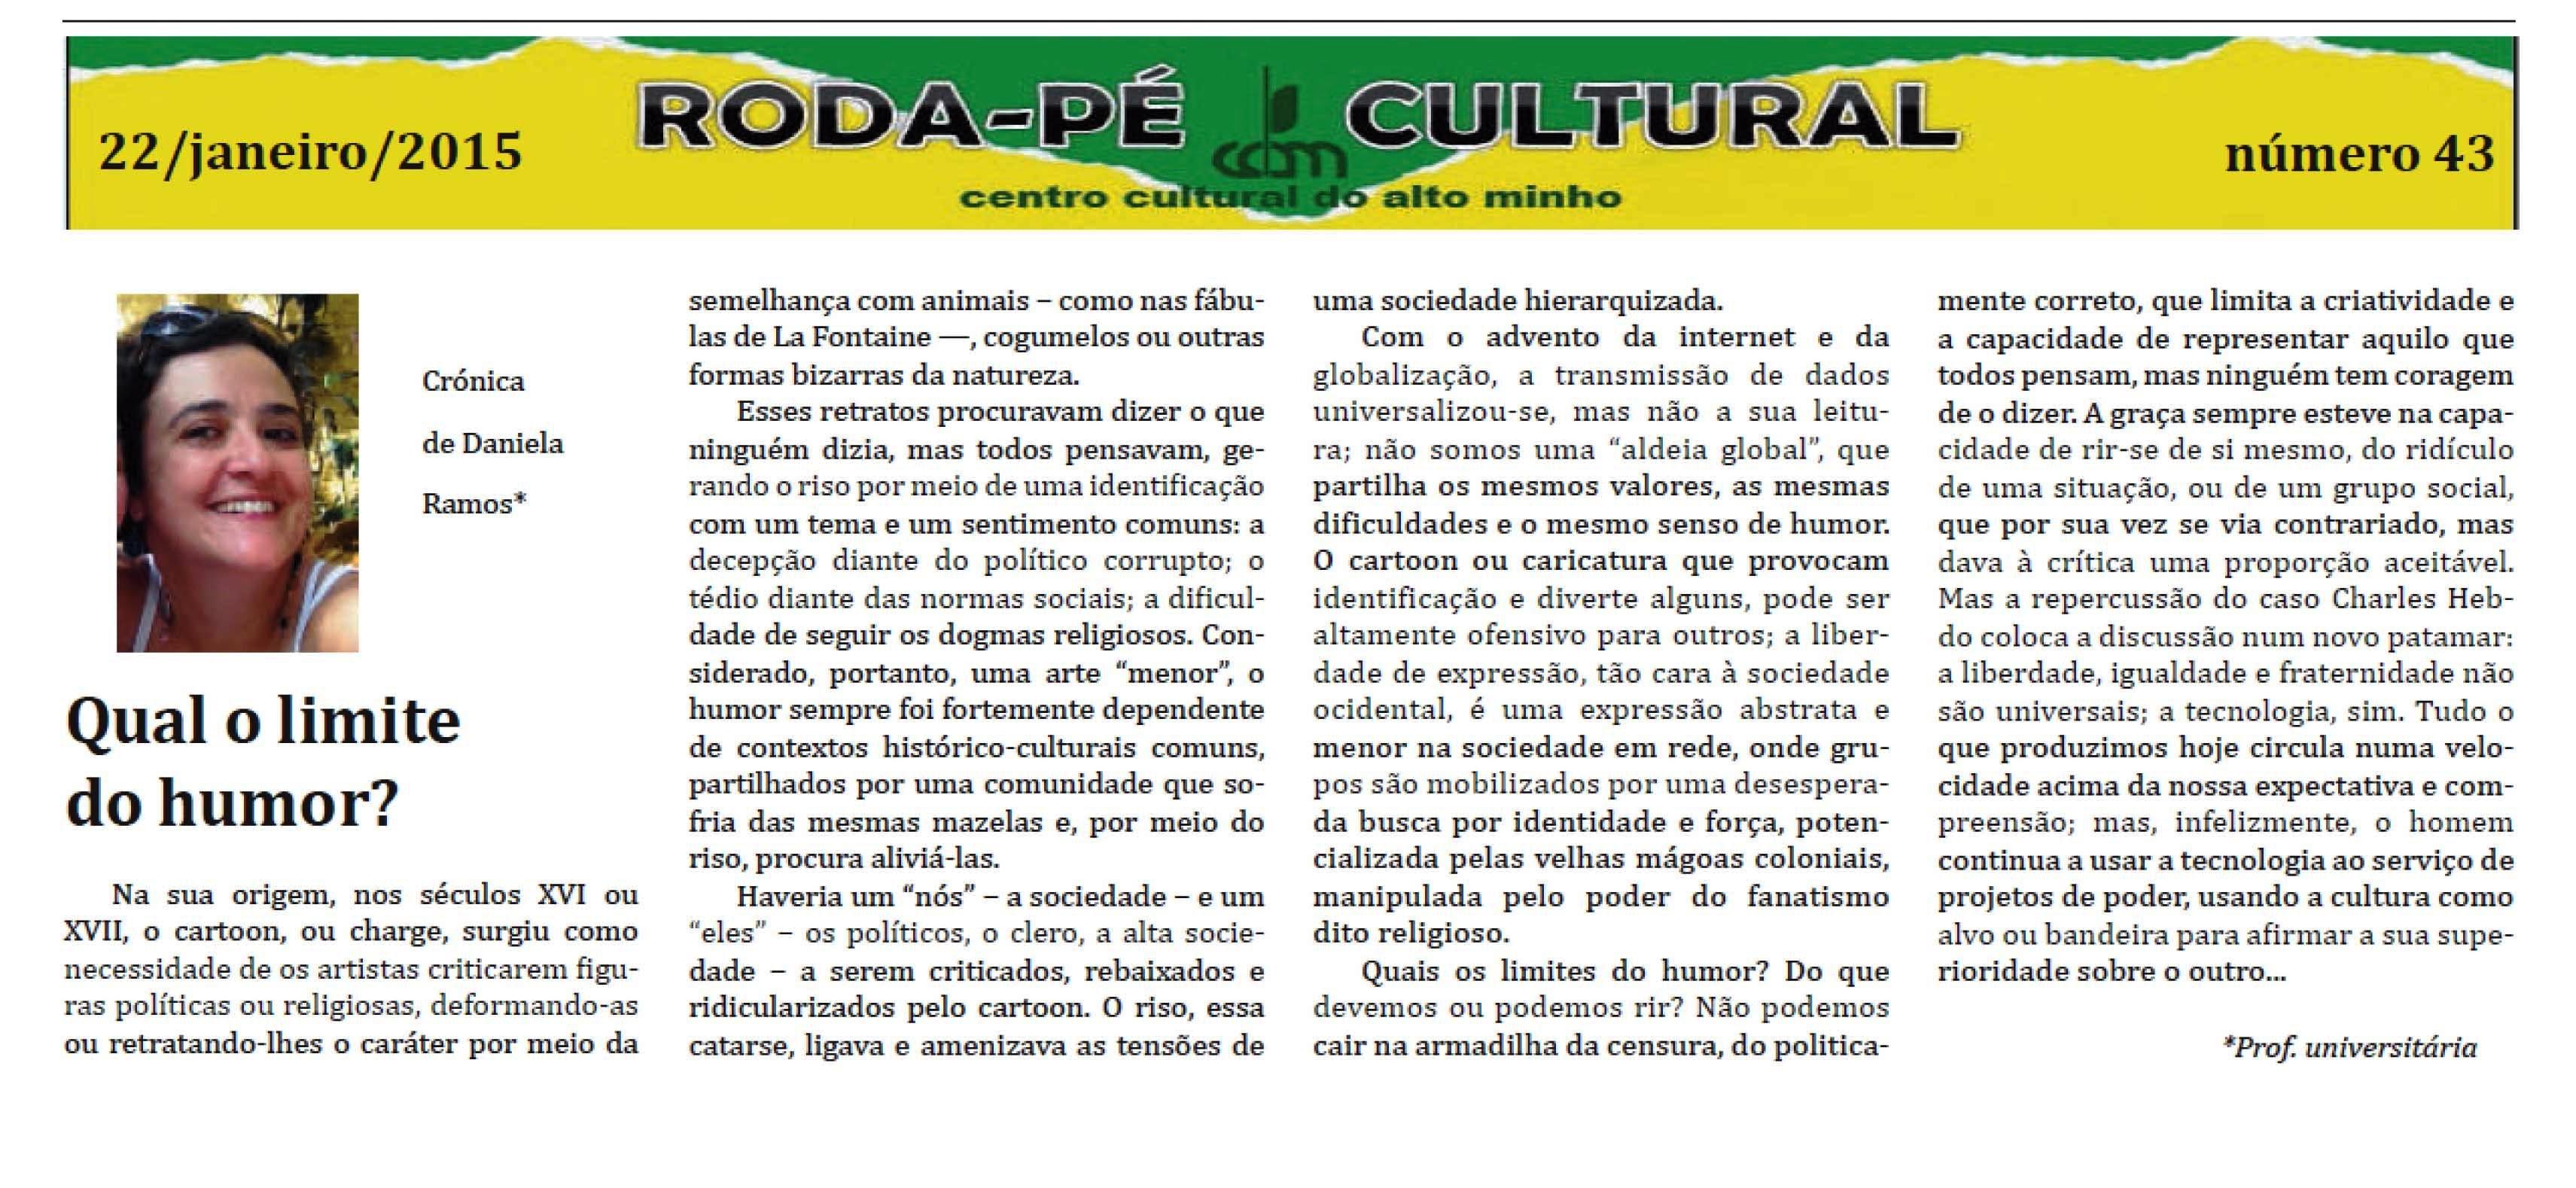 https://sites.google.com/a/centroculturaldoaltominho.org/ccam/actividades-realizadas/2015/Rpe_43.jpg